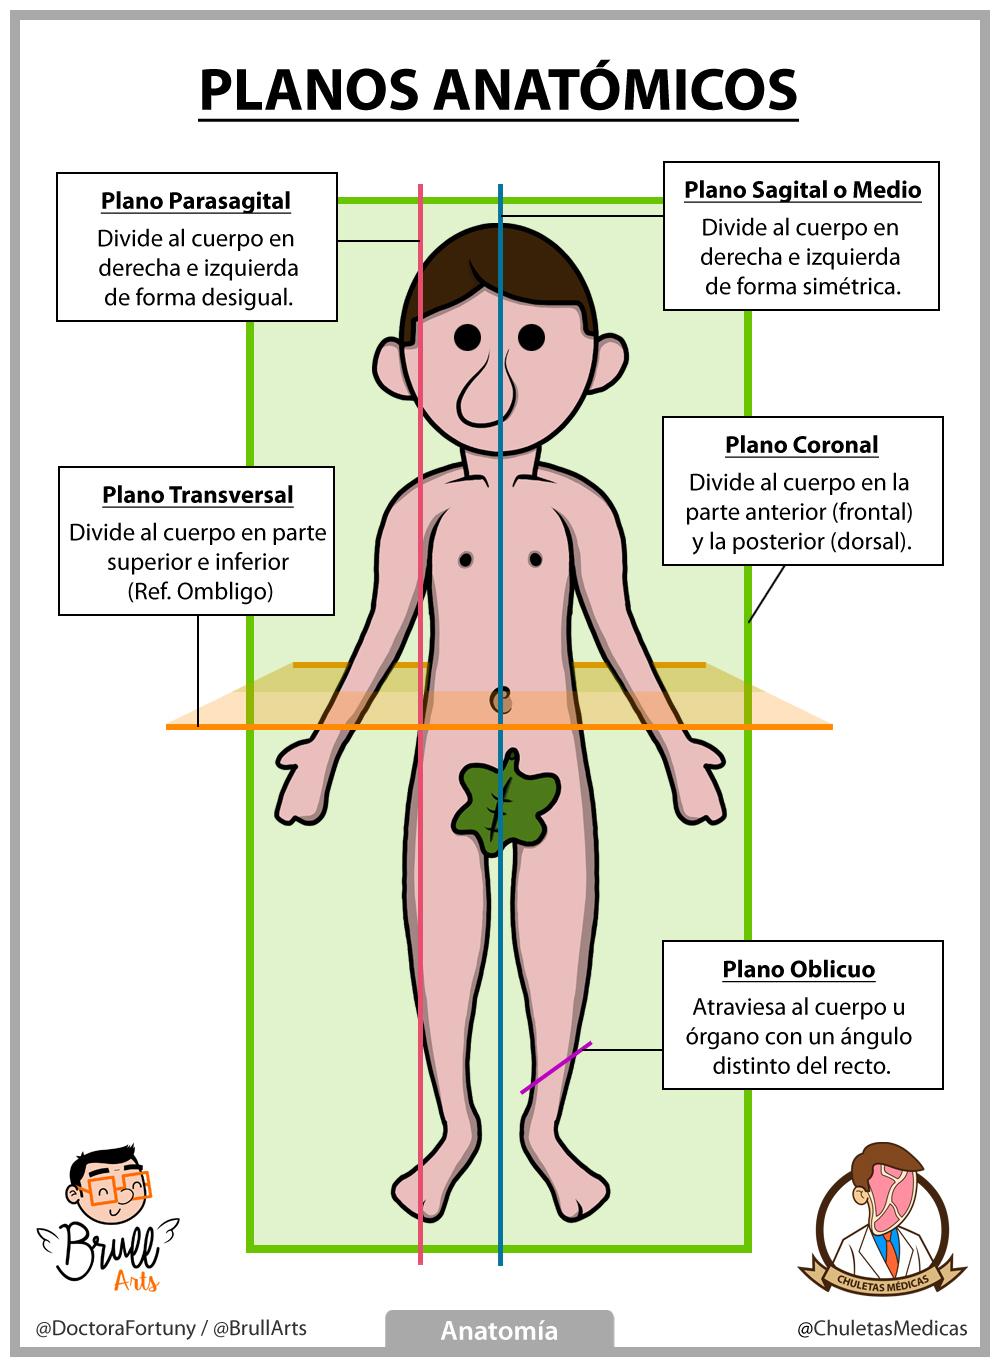 Anatomía Básica: Posición y Planos Anatómicos - Chuletas Médicas